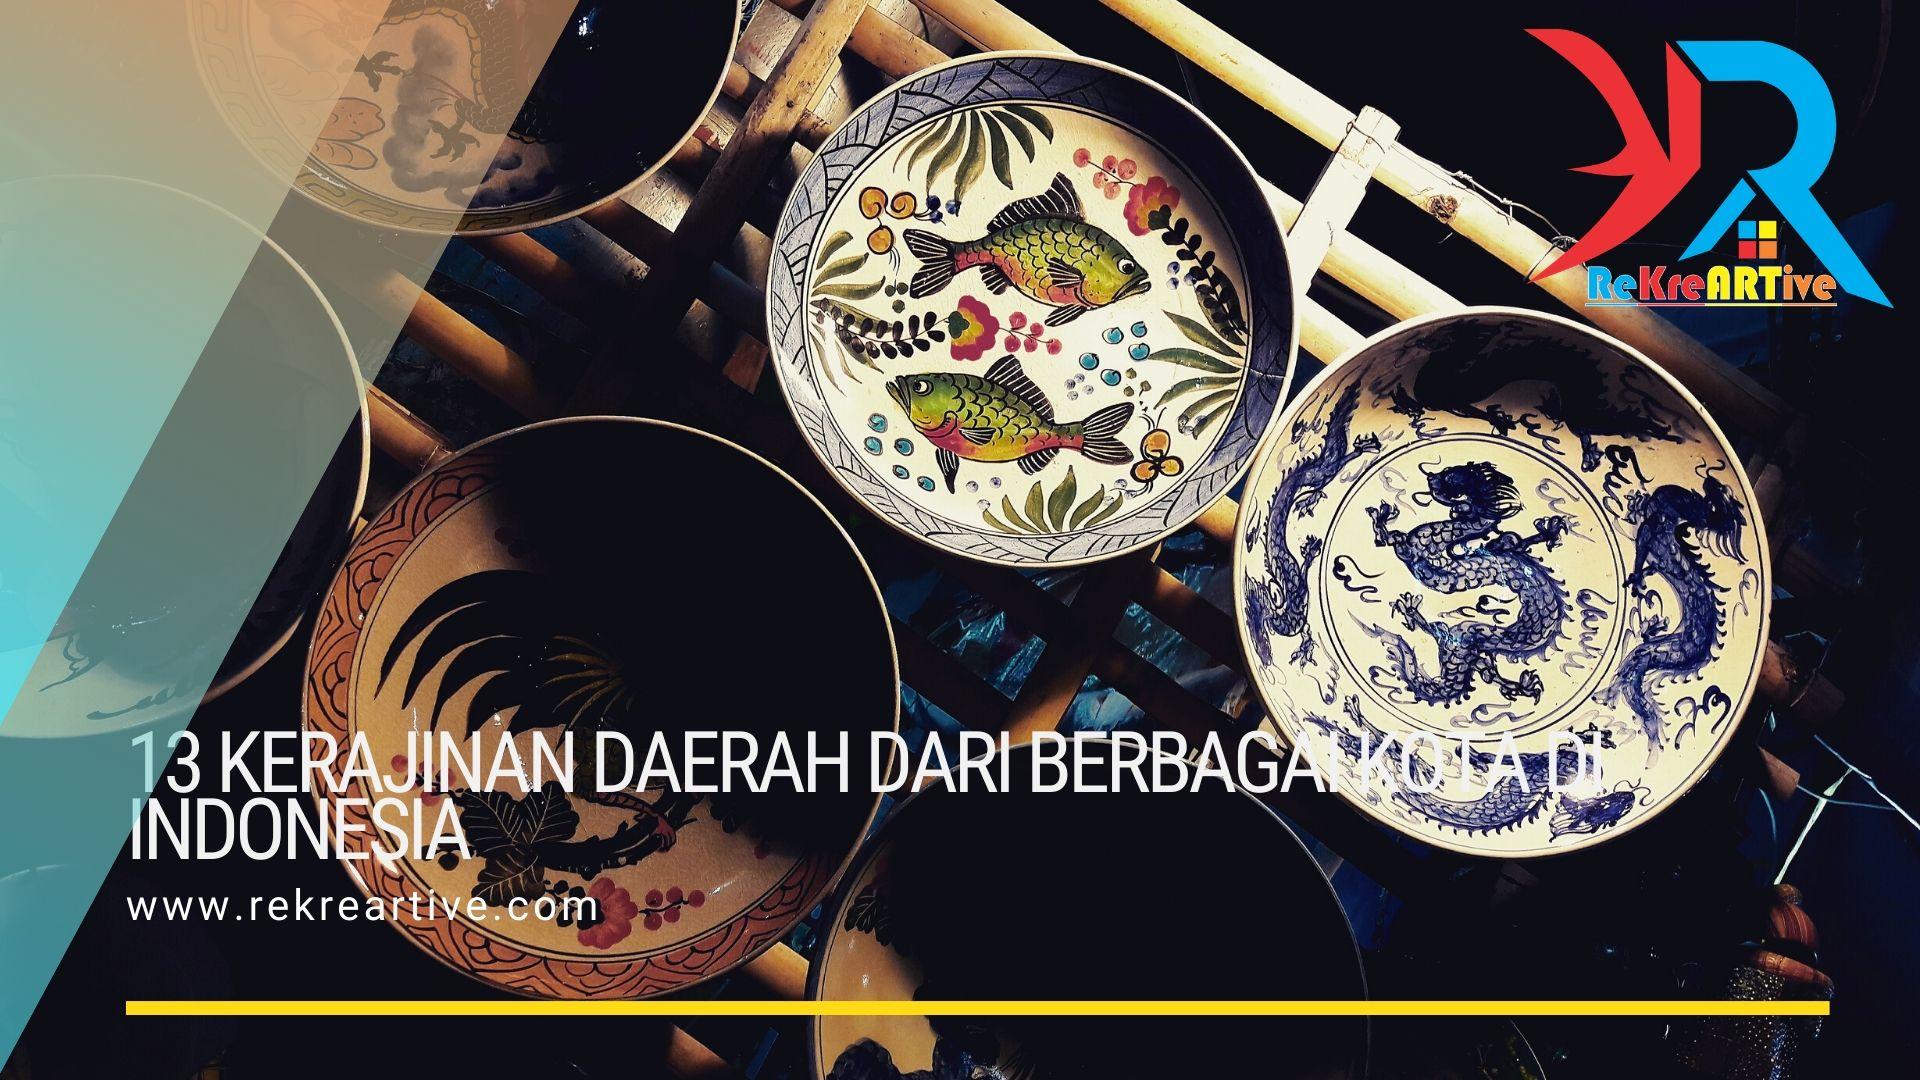 13 Kerajinan Daerah Dari Berbagai Kota Di Indonesia Rekreartive